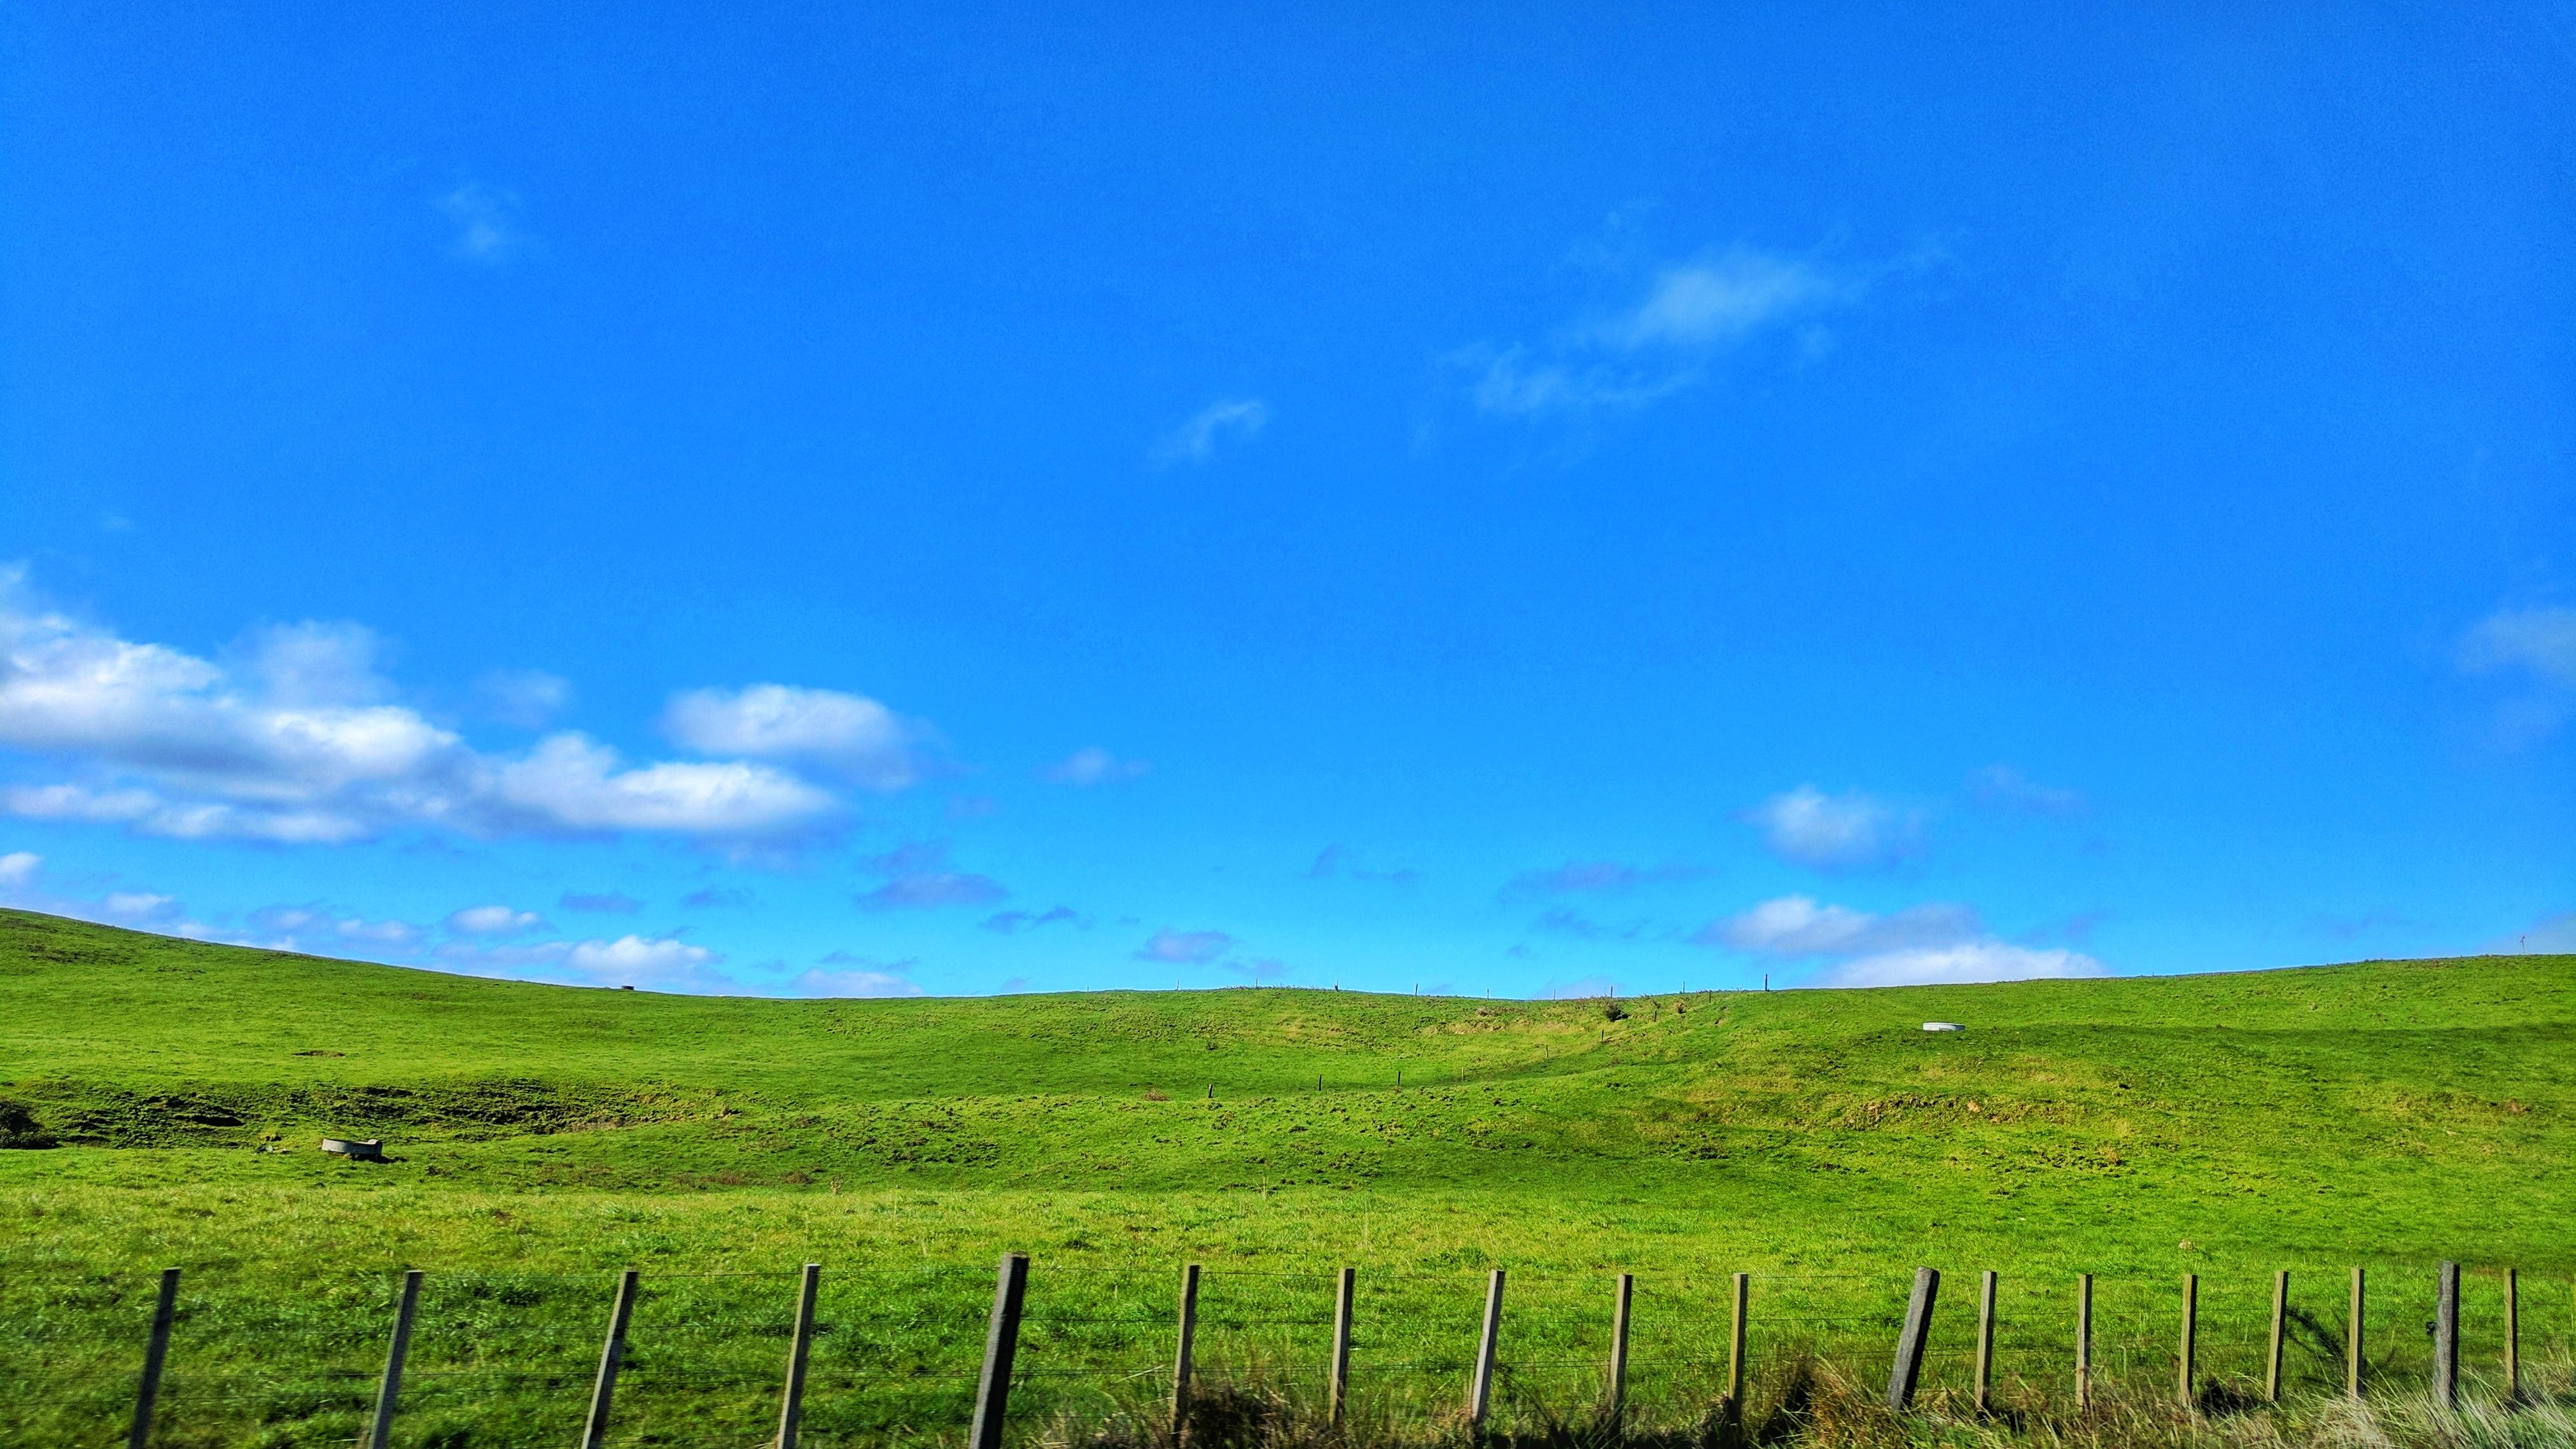 New Zealand landscape akin to Windows XP Bliss wallpaper